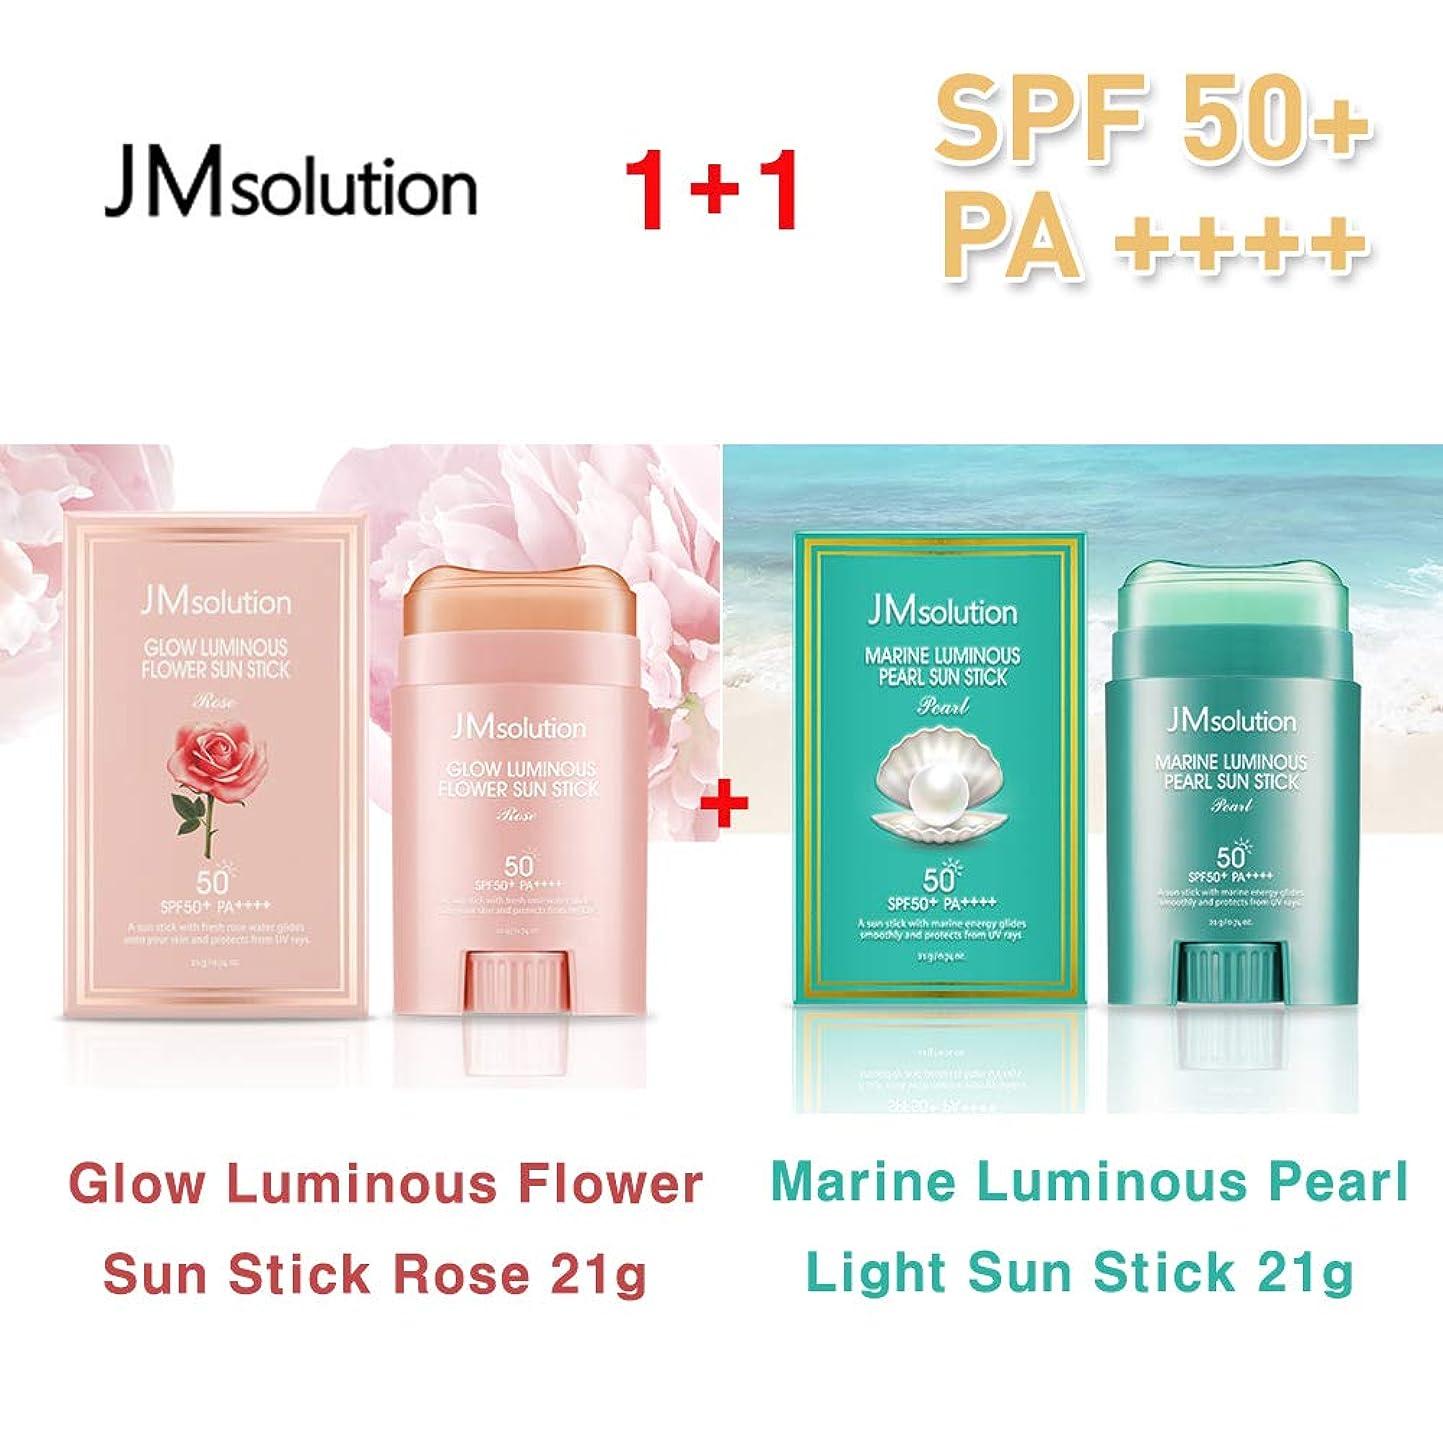 ラショナル背骨快適JM Solution ★1+1★ Glow Luminous Flower Sun Stick Rose 21g + Marine Luminous Pearl Light Sun Stick 21g / 光る輝く花Sun Stick Rose + マリンルミナスパールライトサンスティック21g /